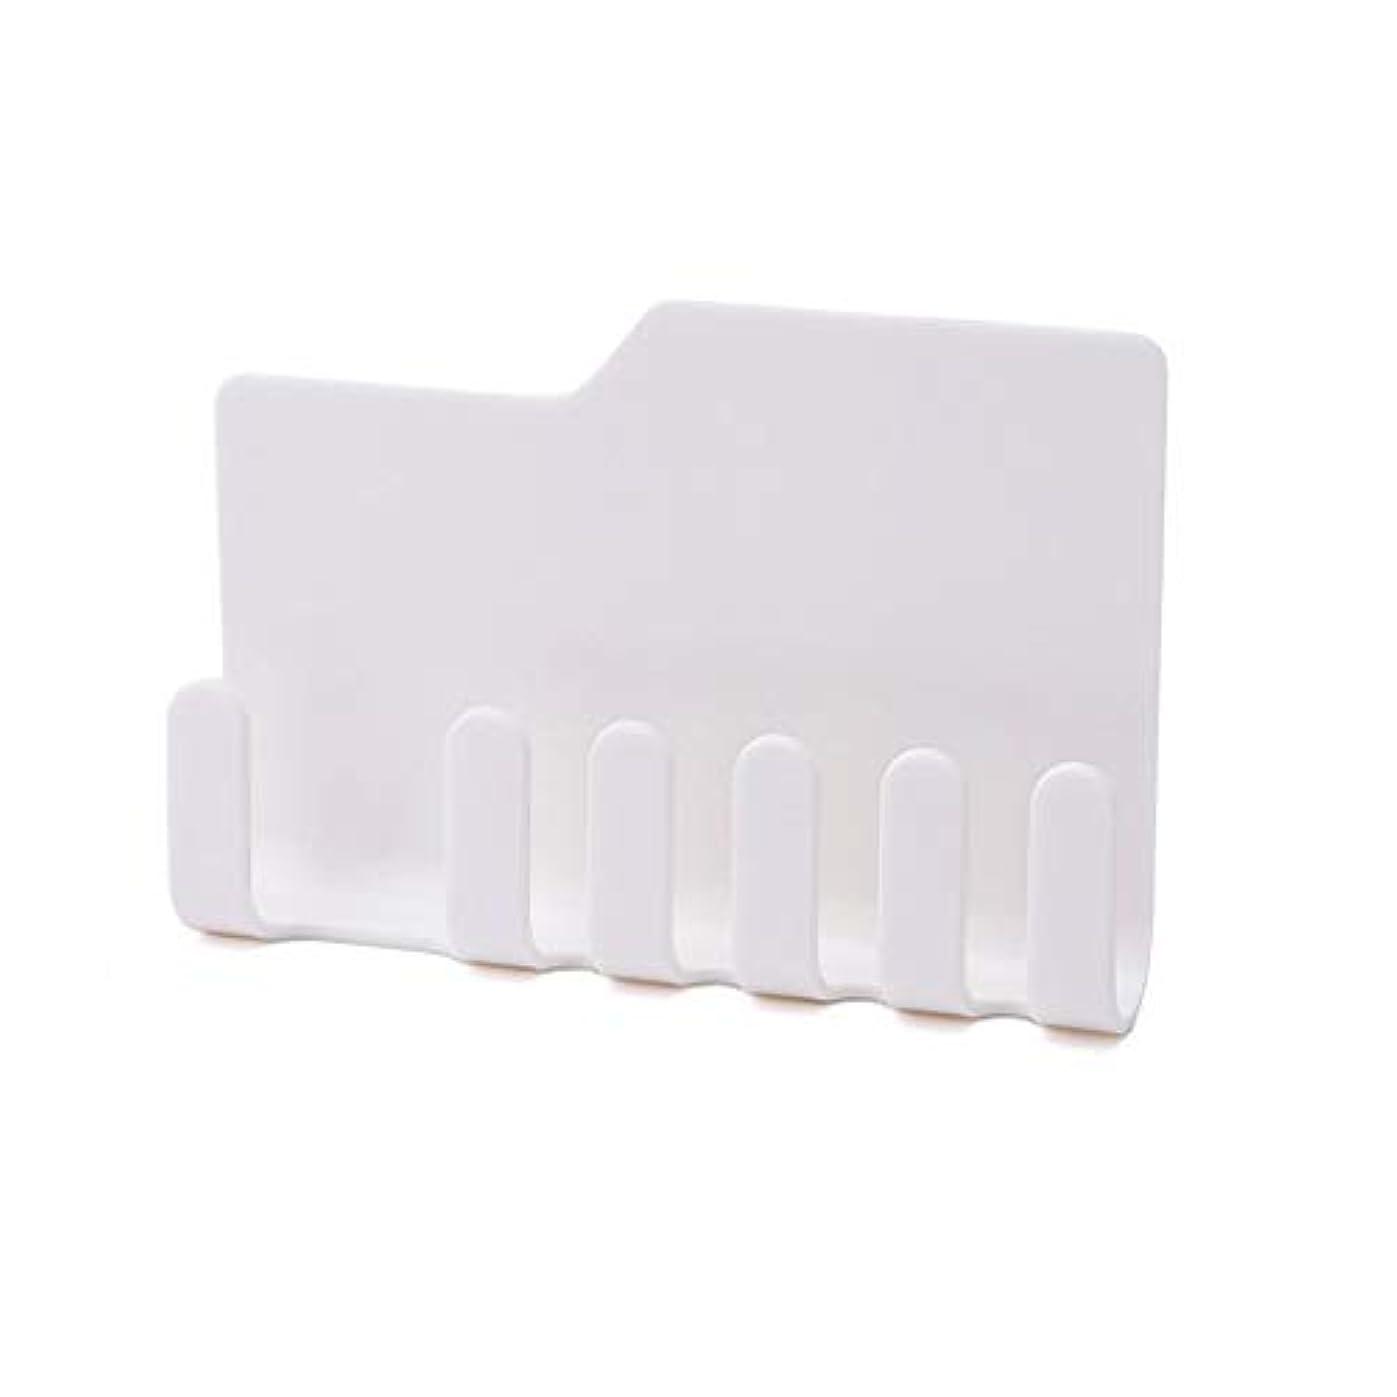 扱いやすい意識的スチュワード壁はルーム傘ステッカーウォールリビングマルチフレームをハンギングステッカー歯ブラシホルダー歯磨き粉をマウント